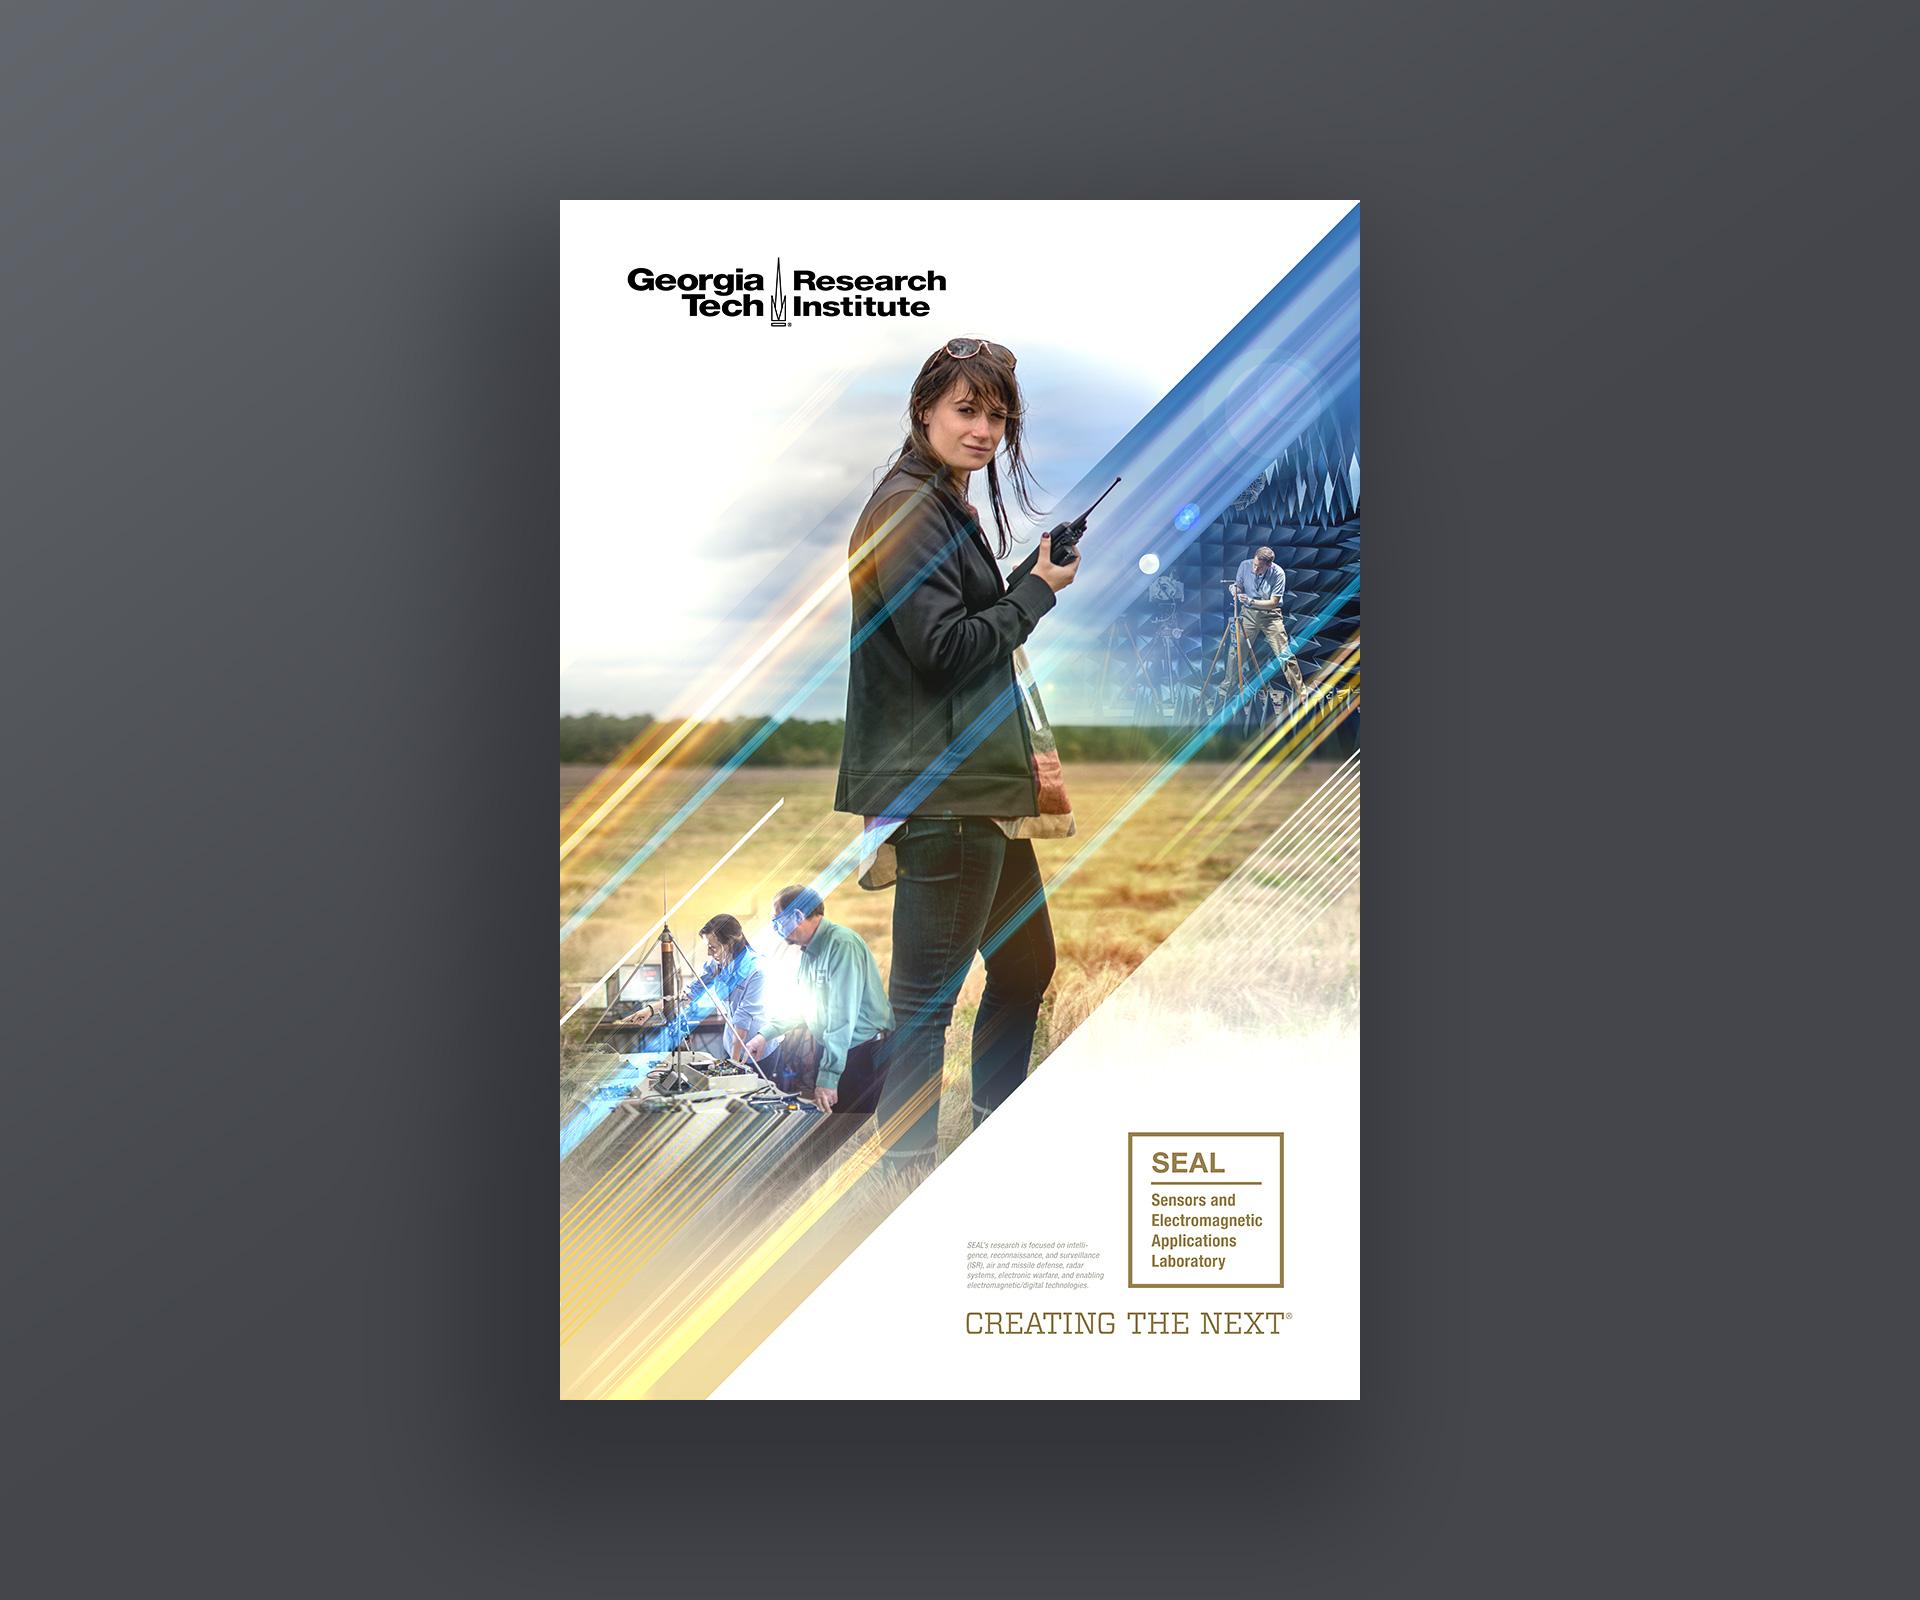 hero_poster_006.jpg